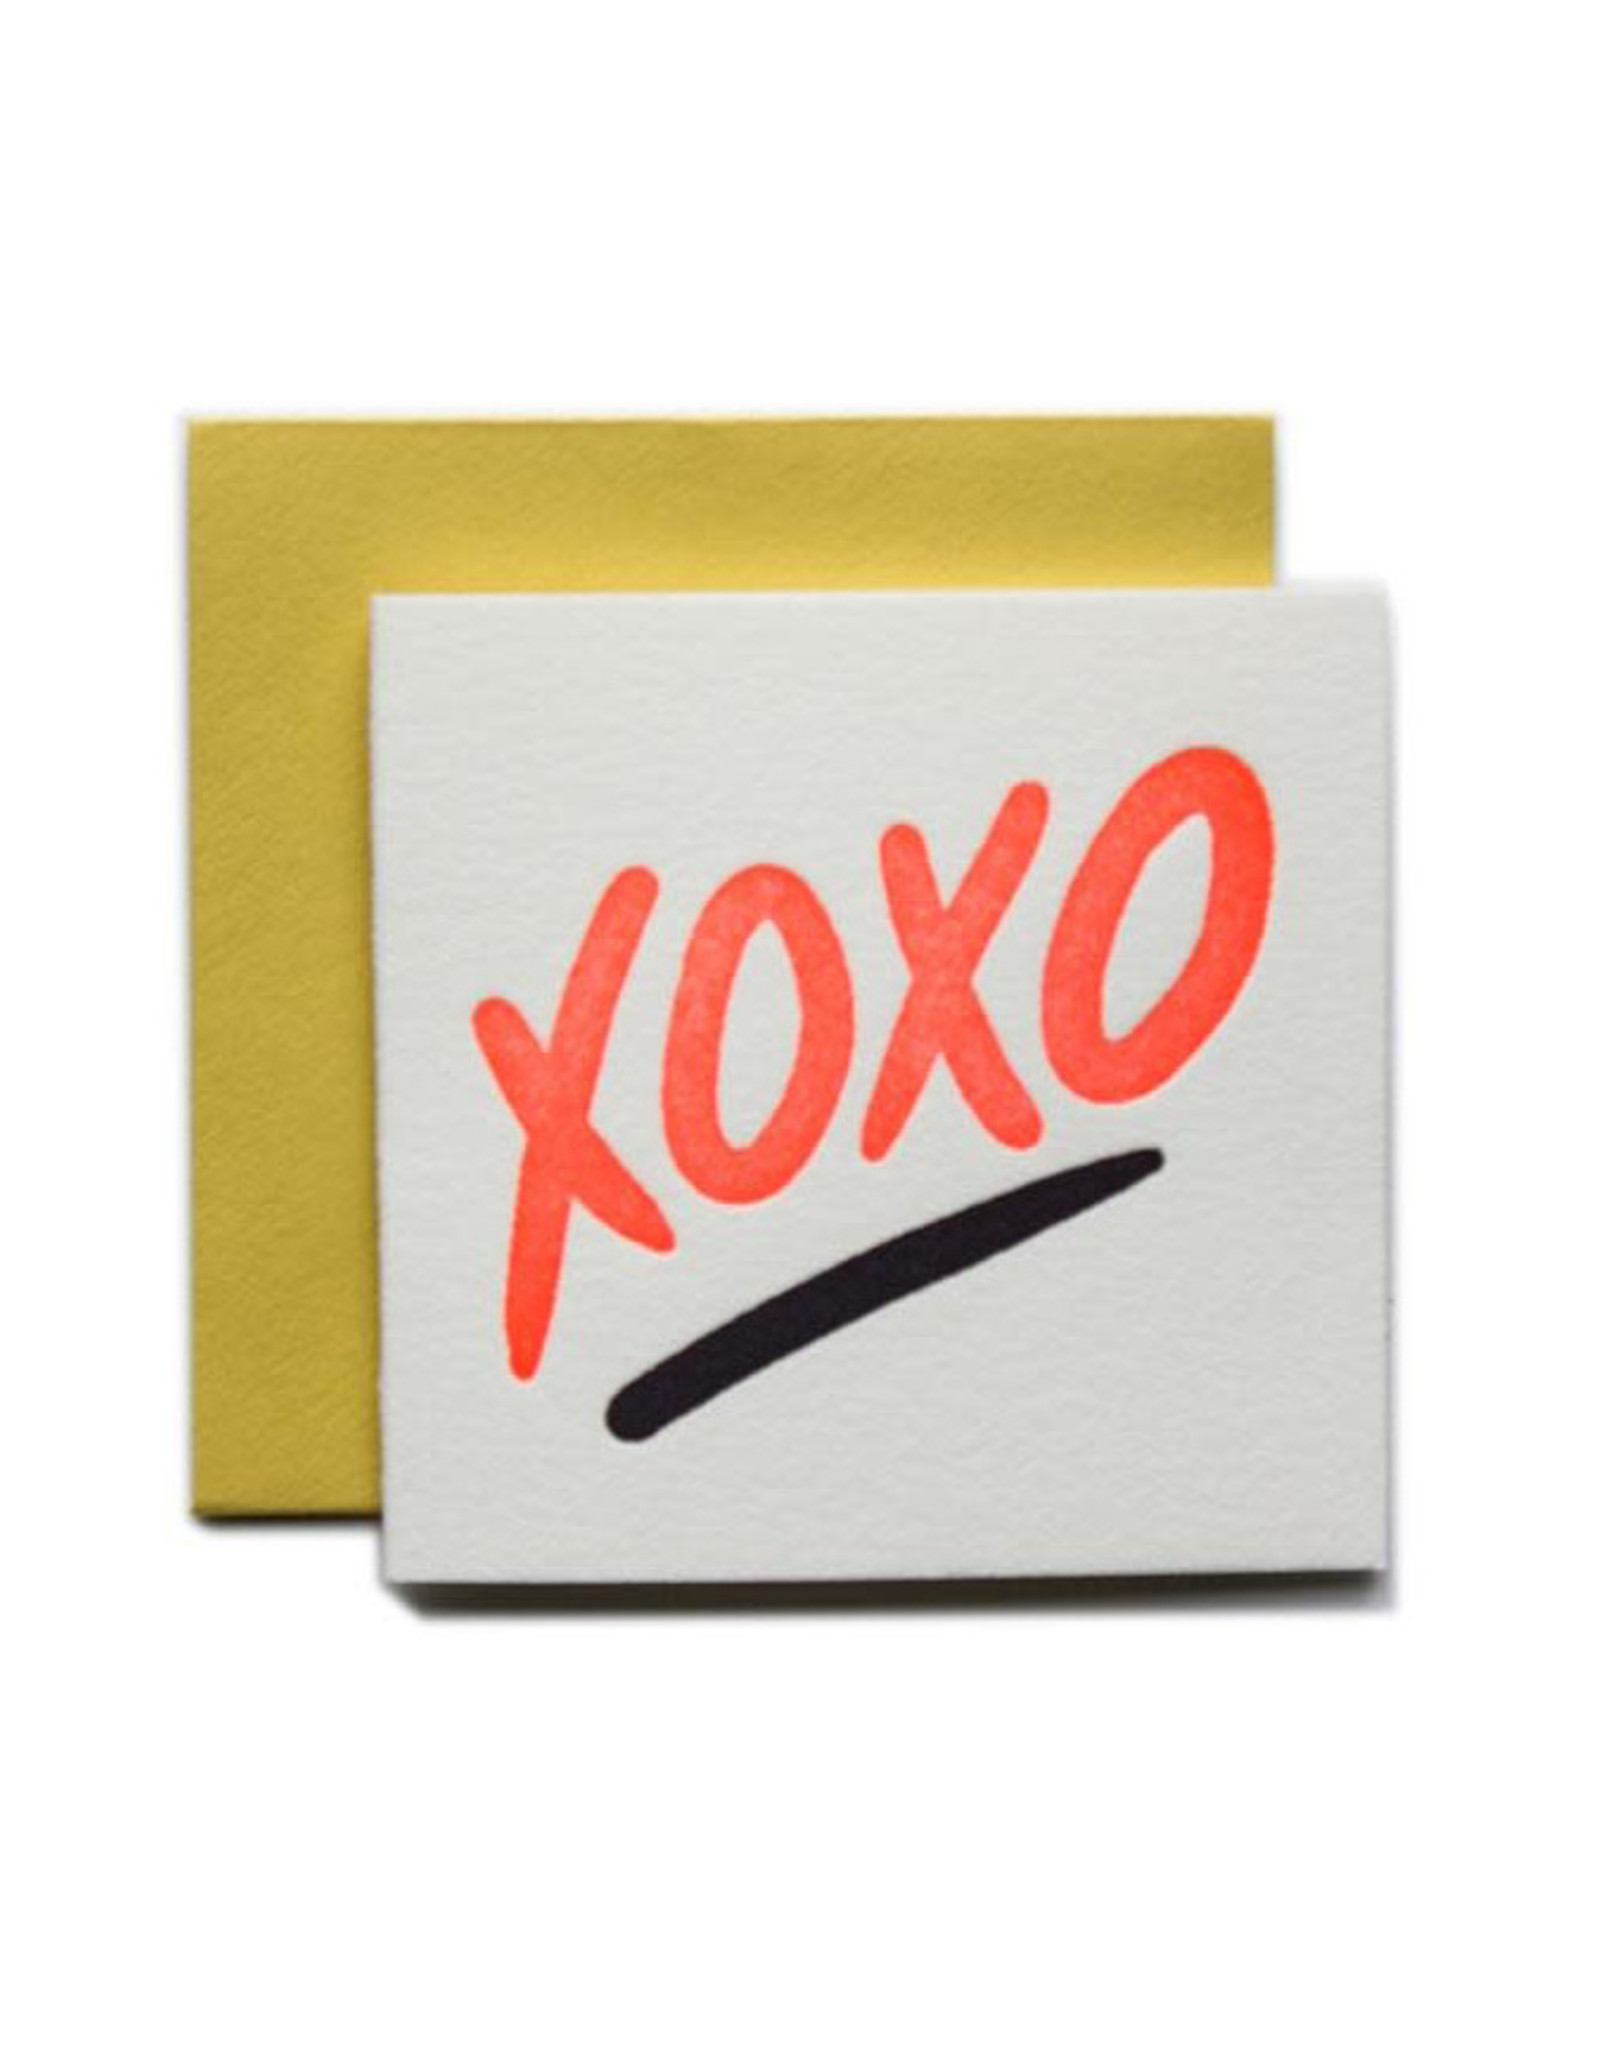 XOXO Tiny Card